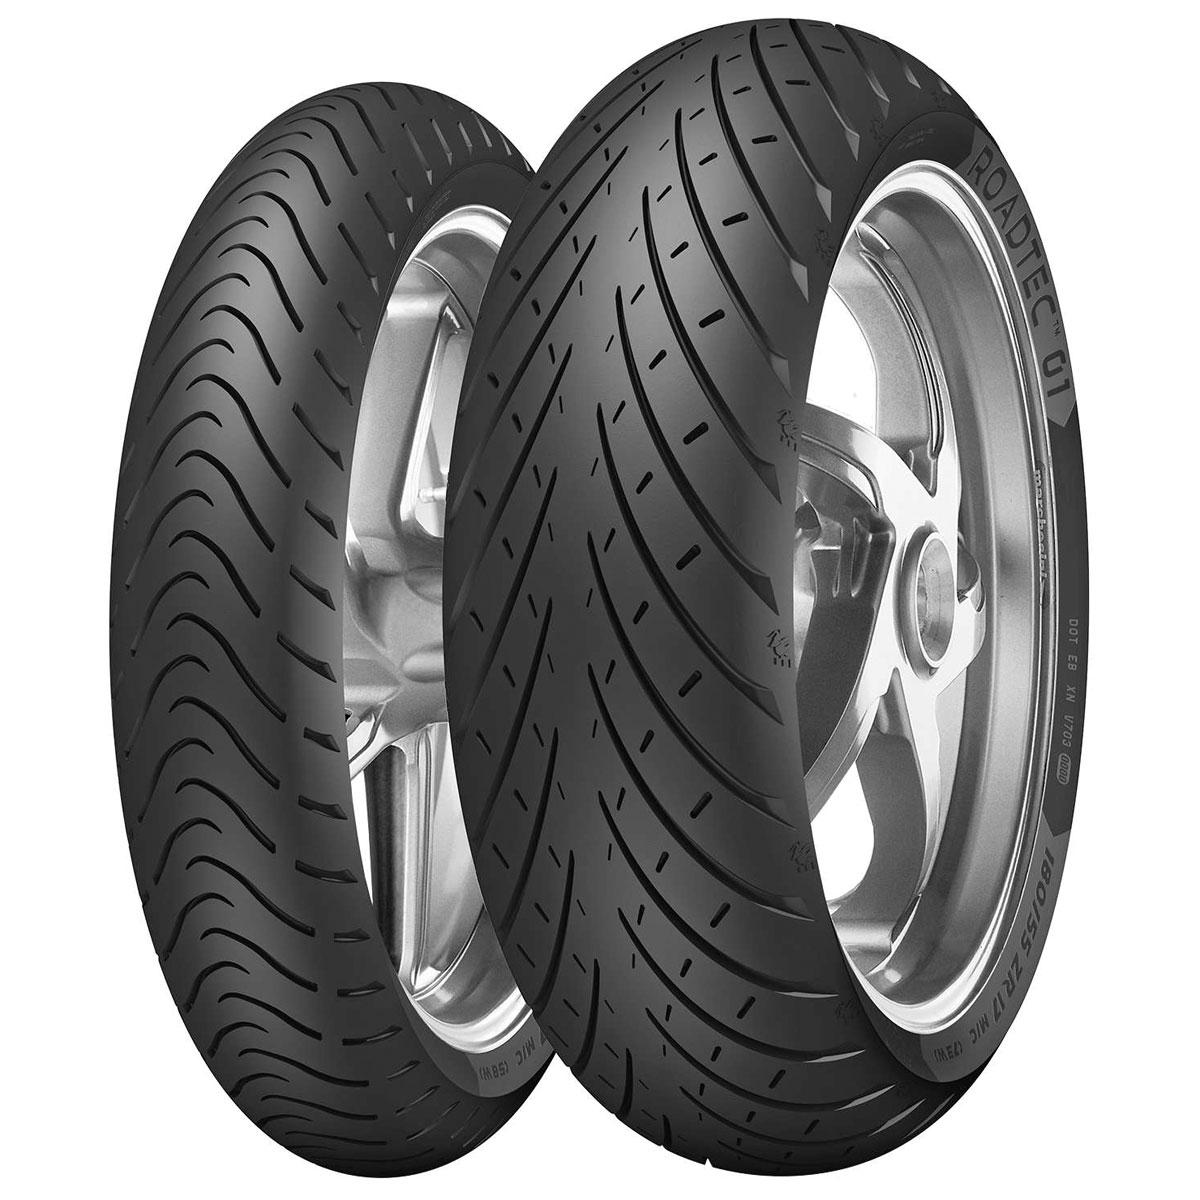 Metzeler Roadtec 01 4.00-18 Rear Tire